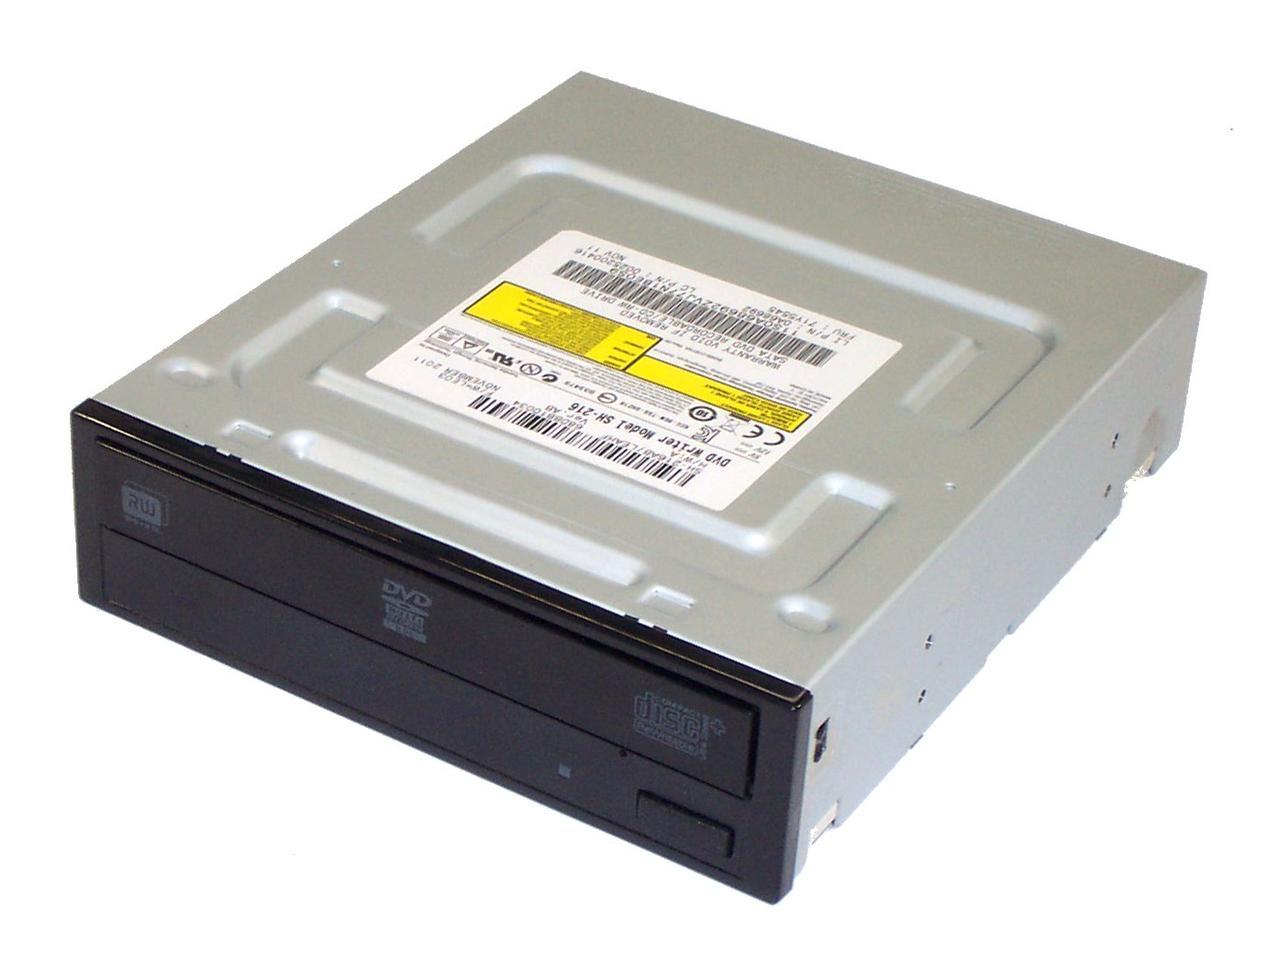 Привод DVD-RW Toshiba Samsung, SATA